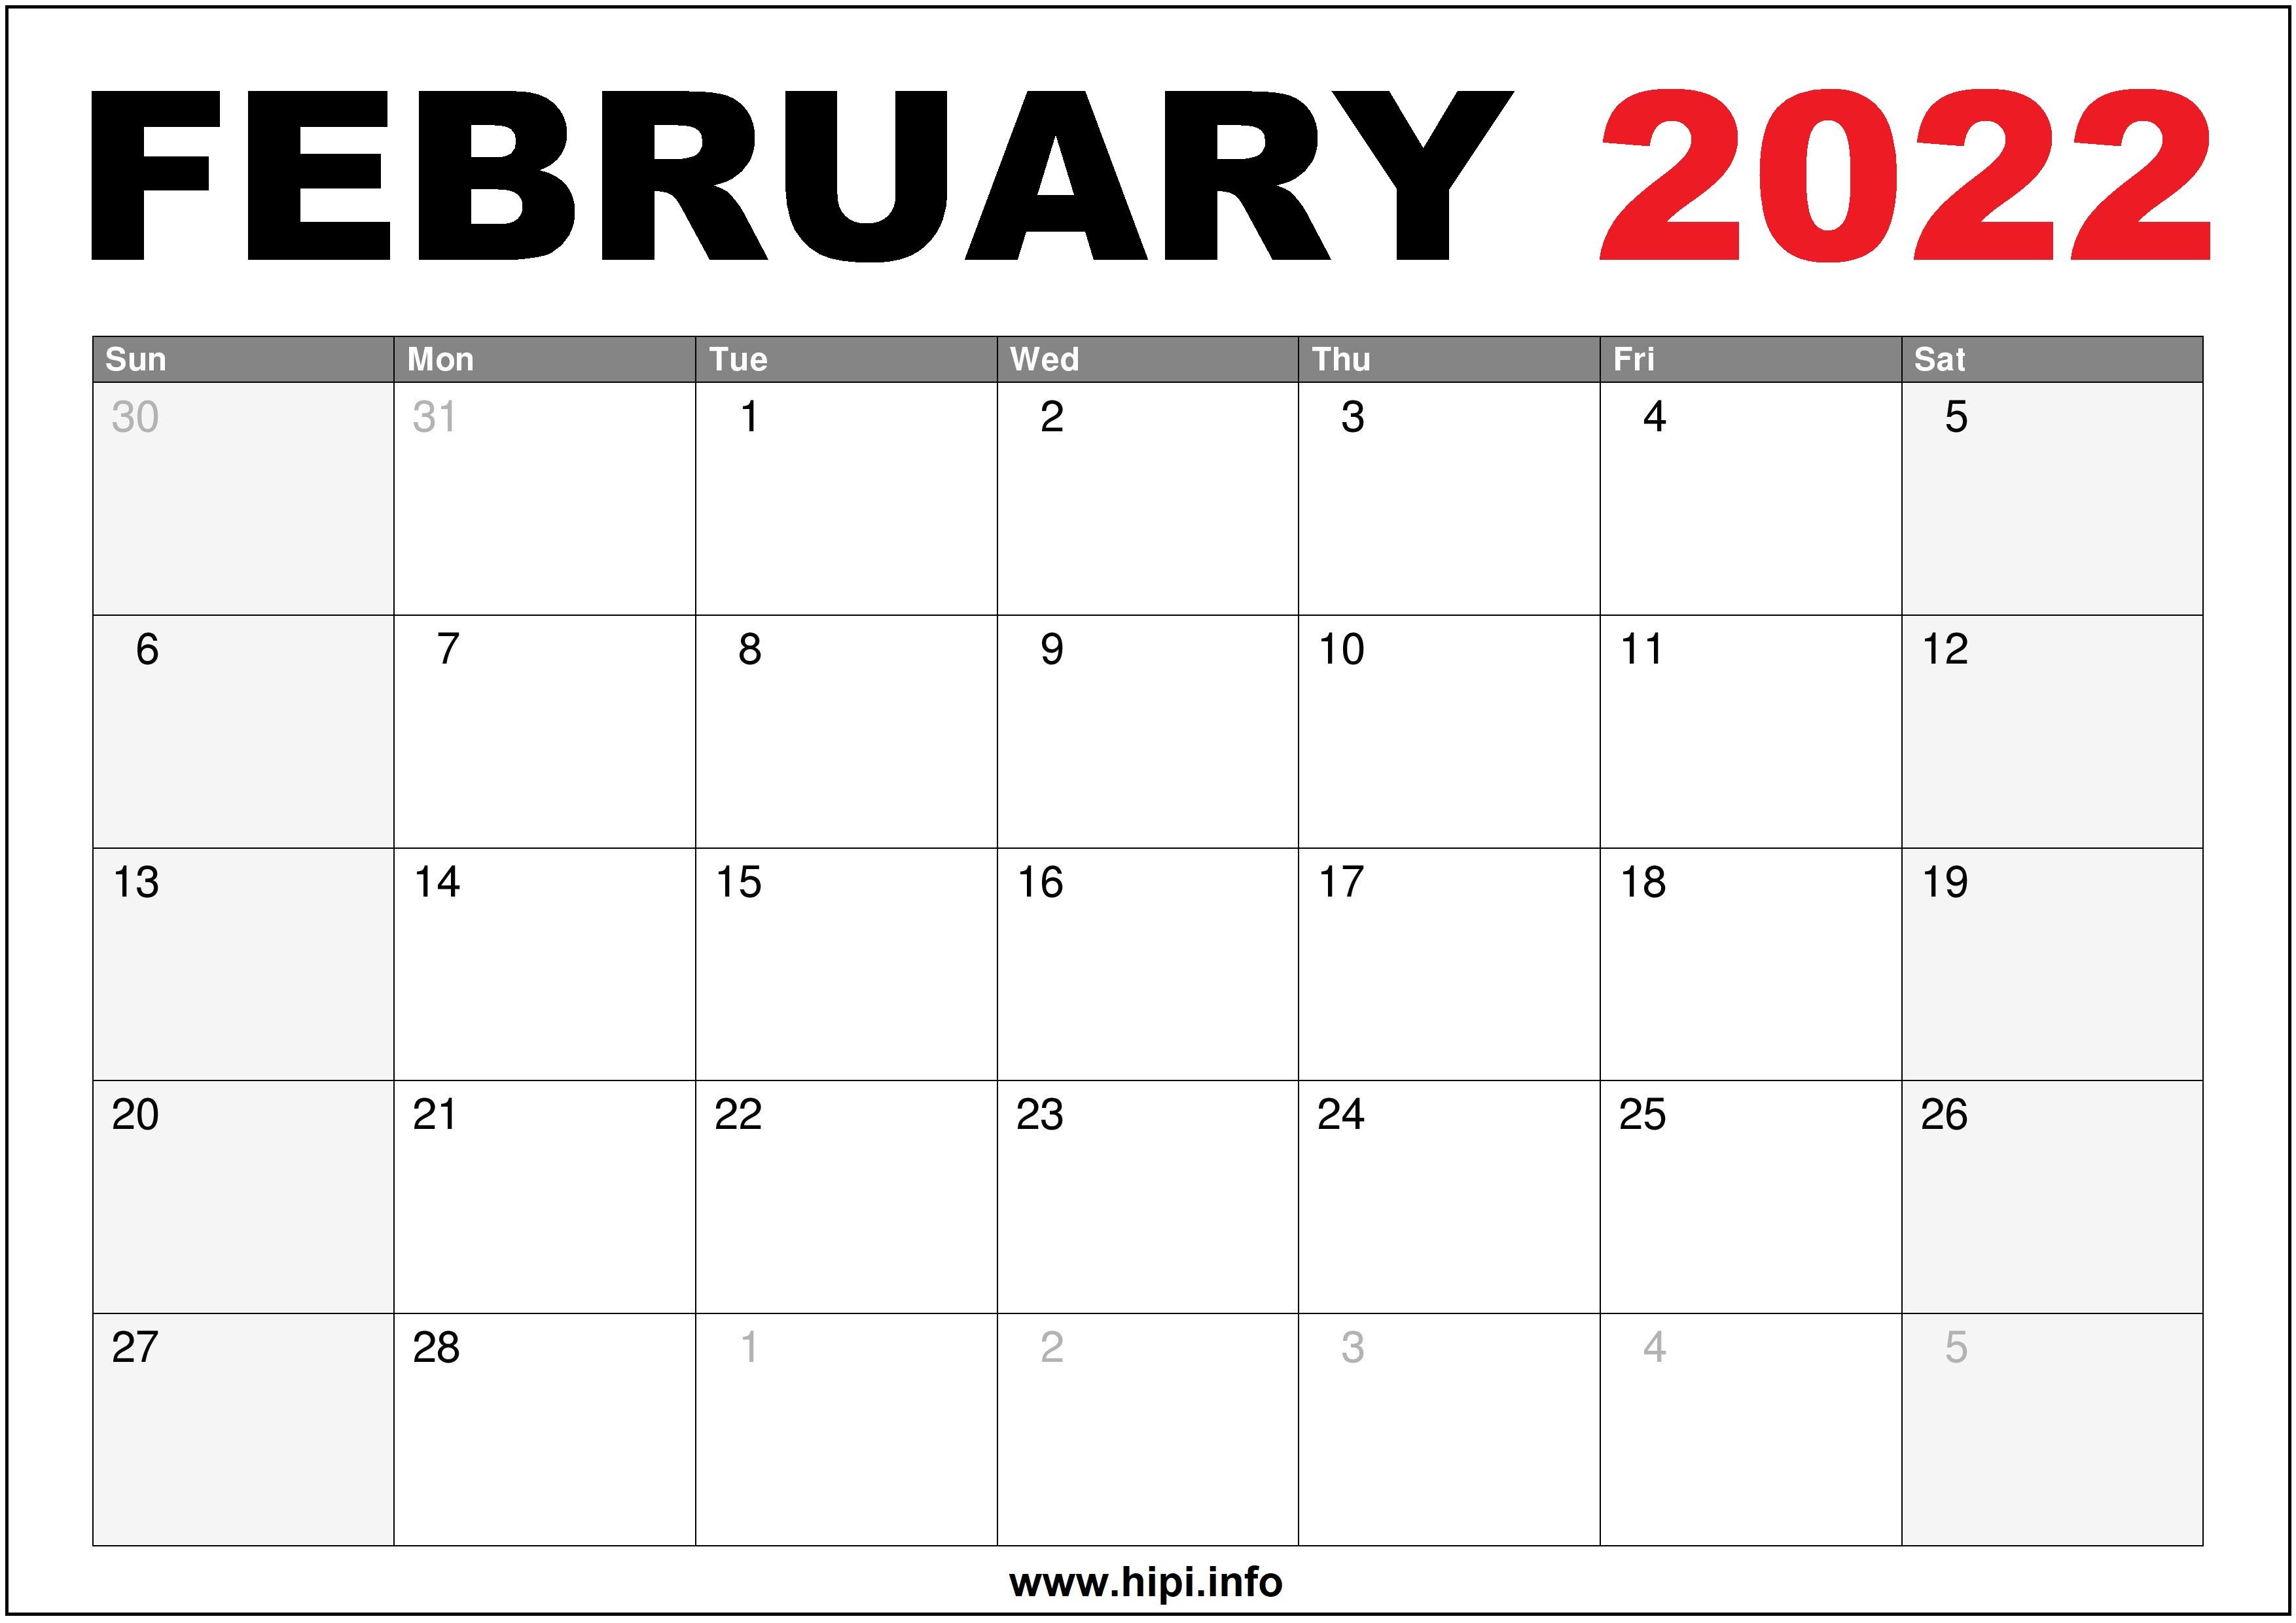 2022 February Calendar Us Printable Hipi Info Calendars Printable Free